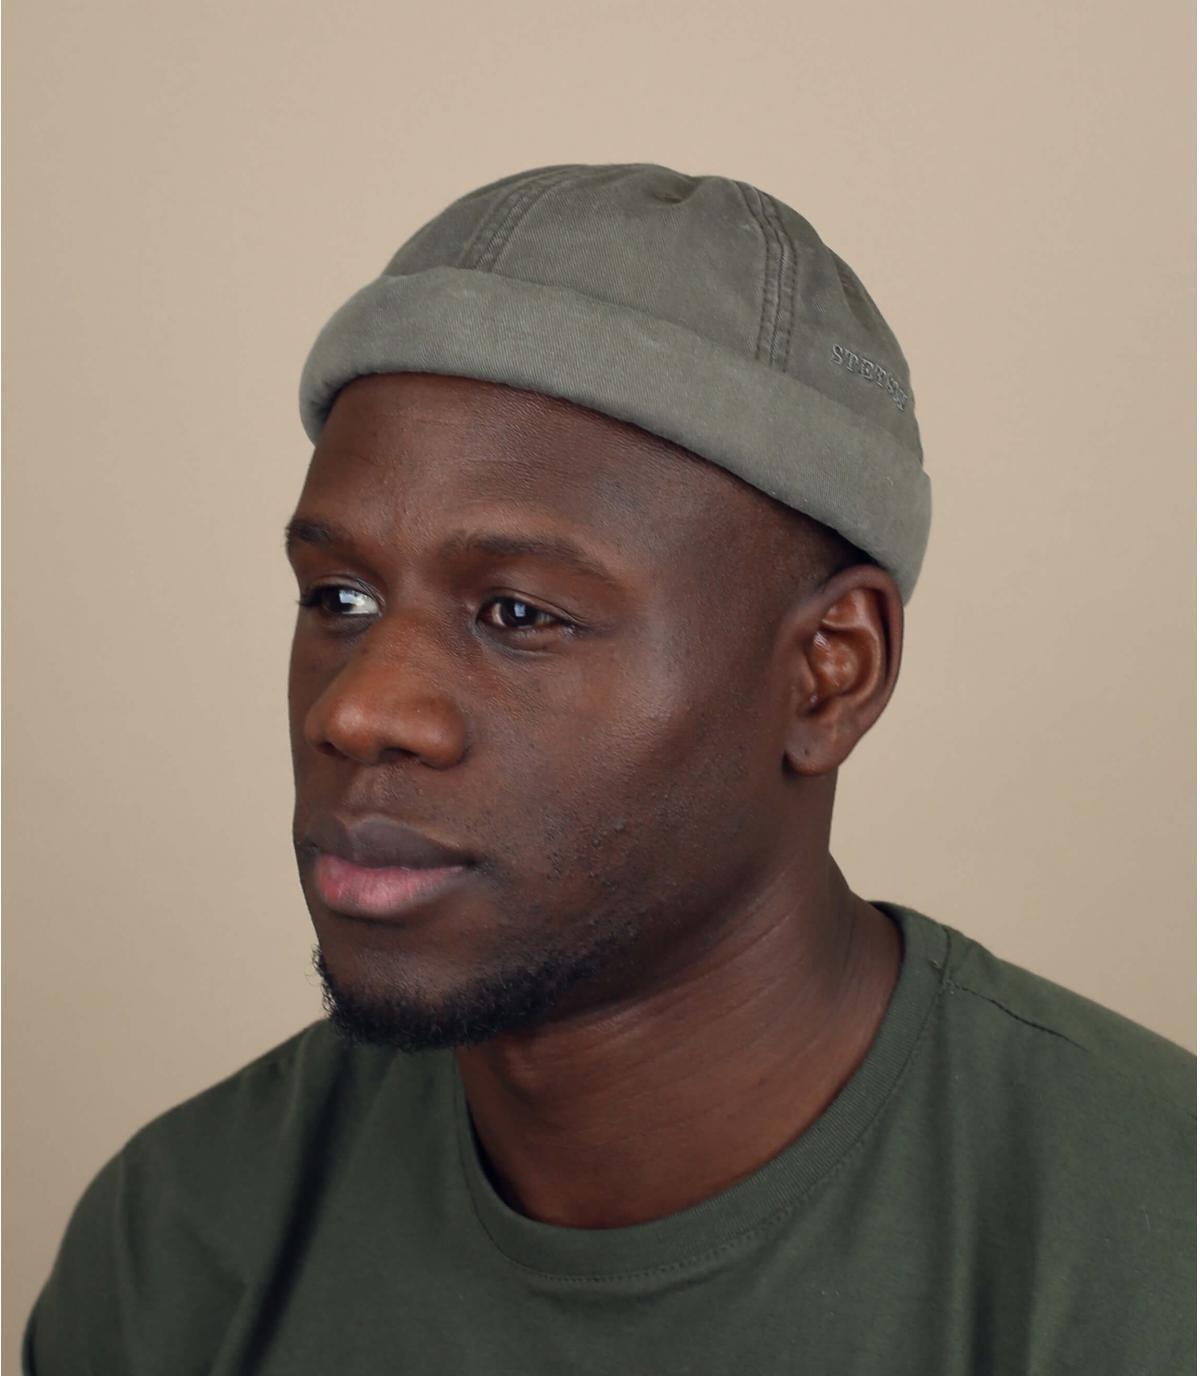 bonnet docker kakhi Stetson